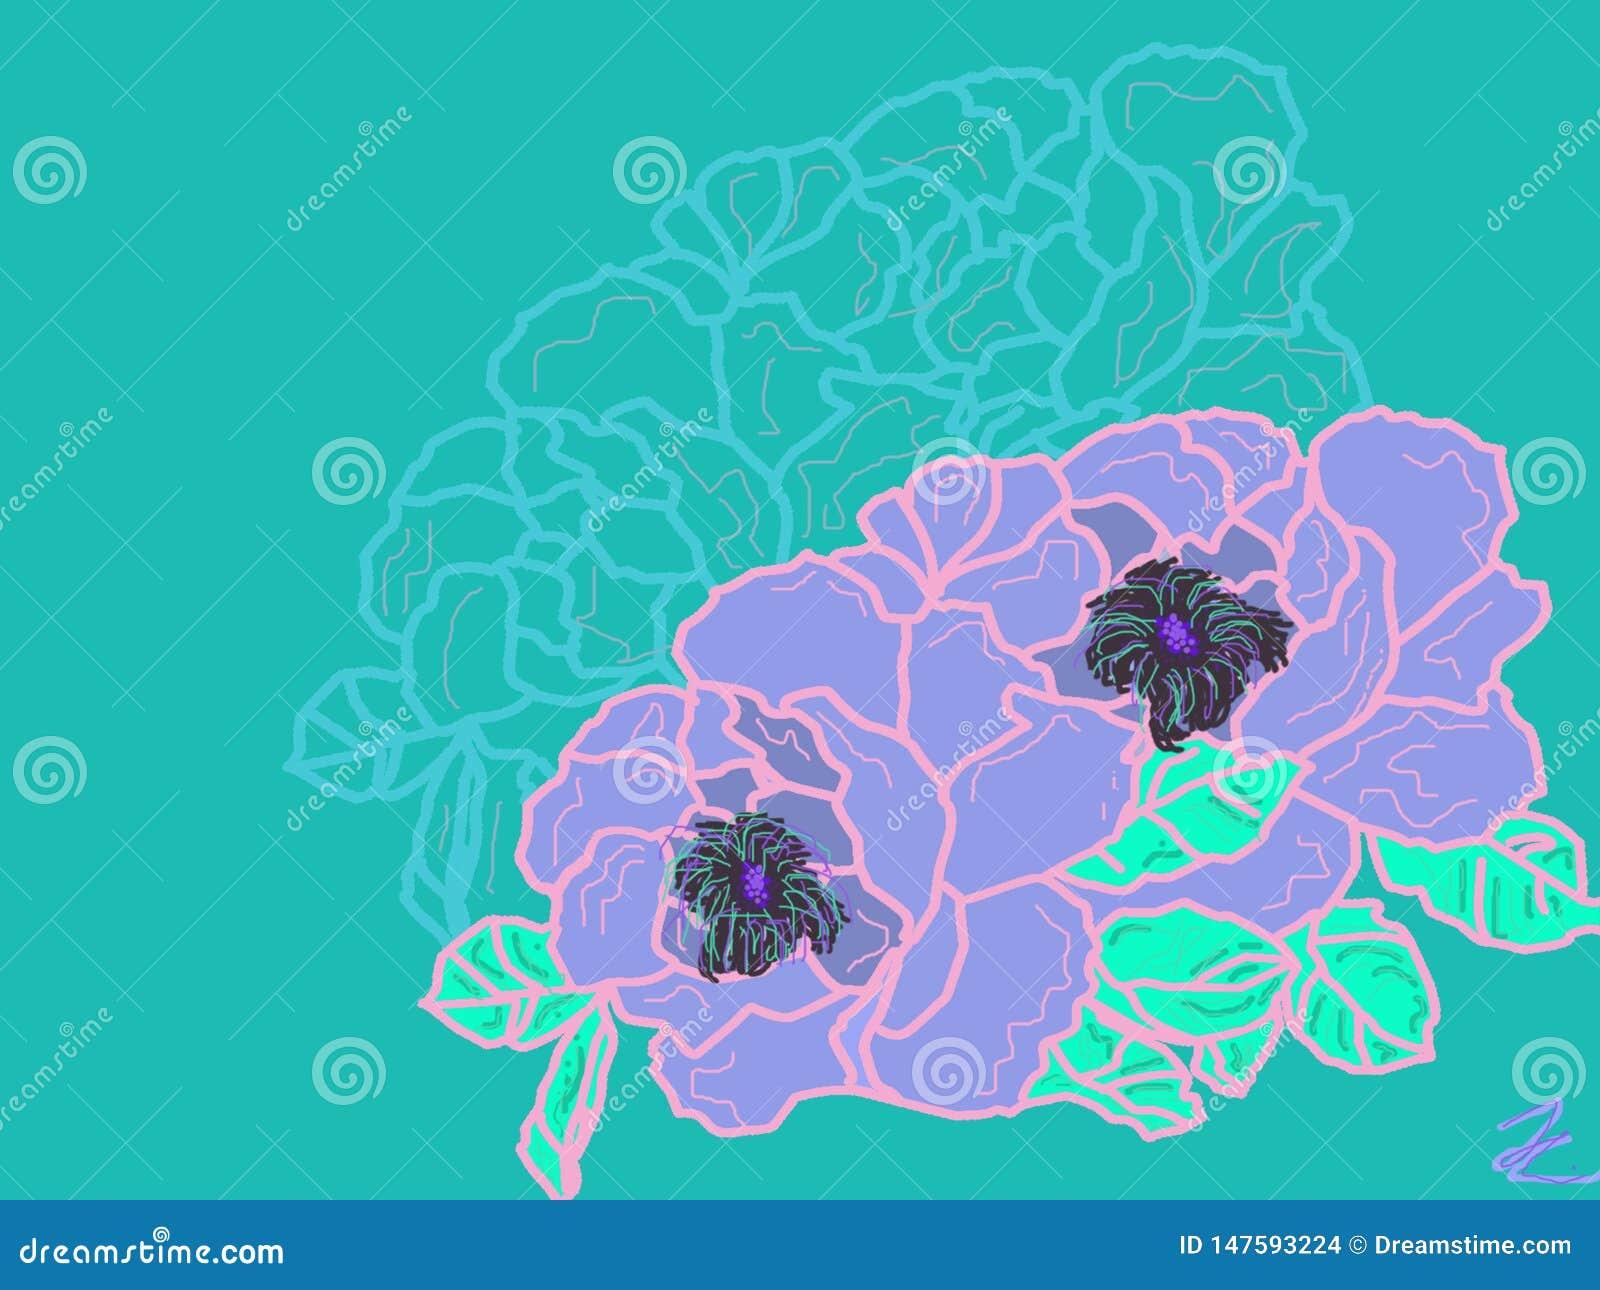 Aesthetic Vaporwave Softly Designed Beautiful Flowers Stock